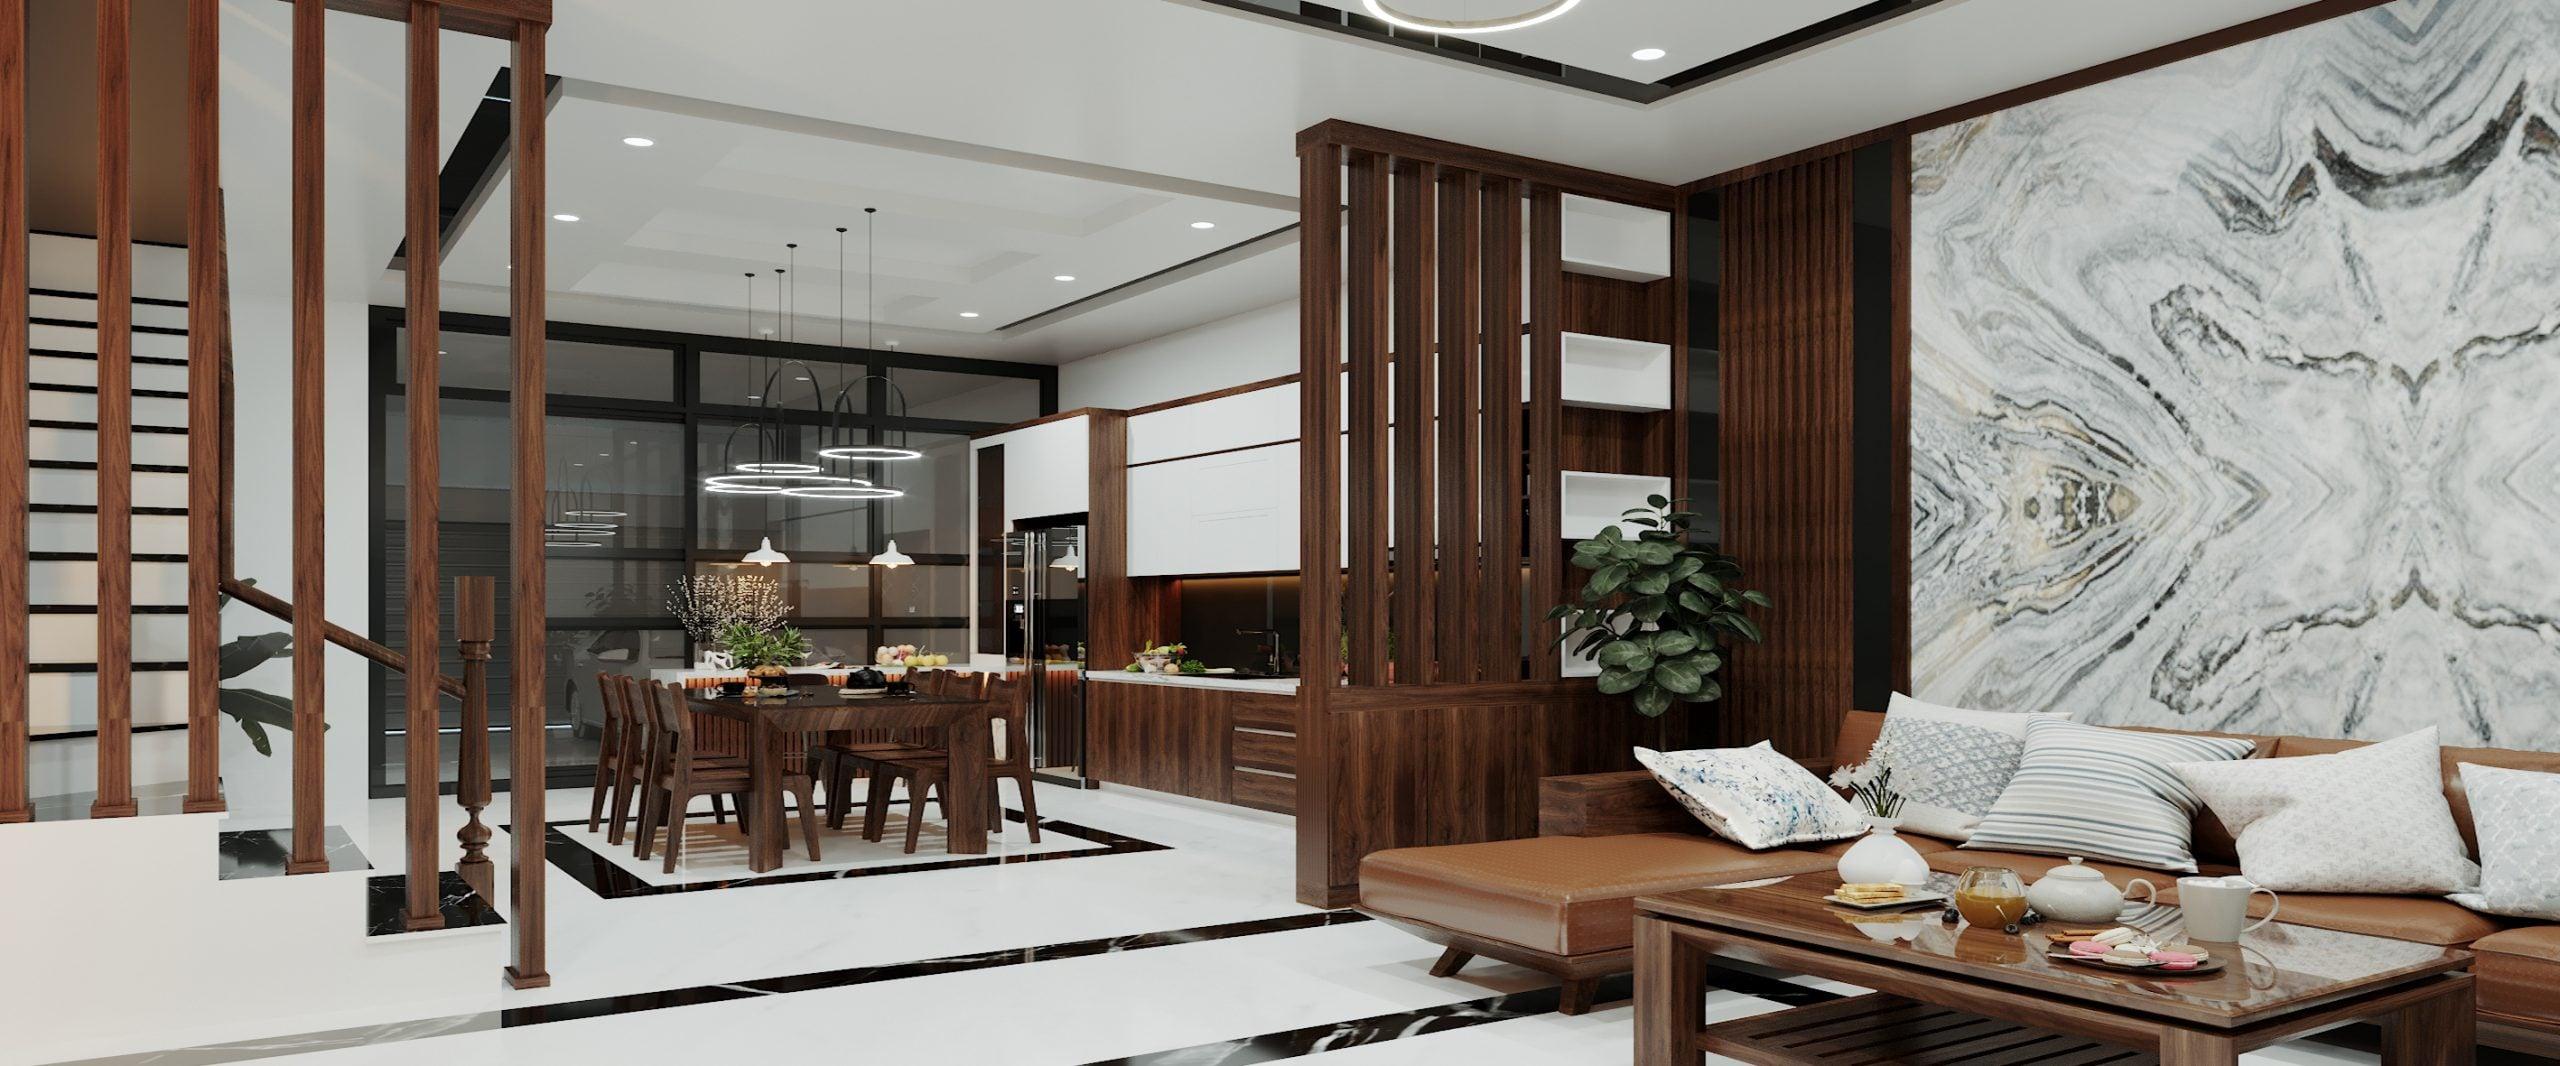 Thiết kế và thi công nội thất 1